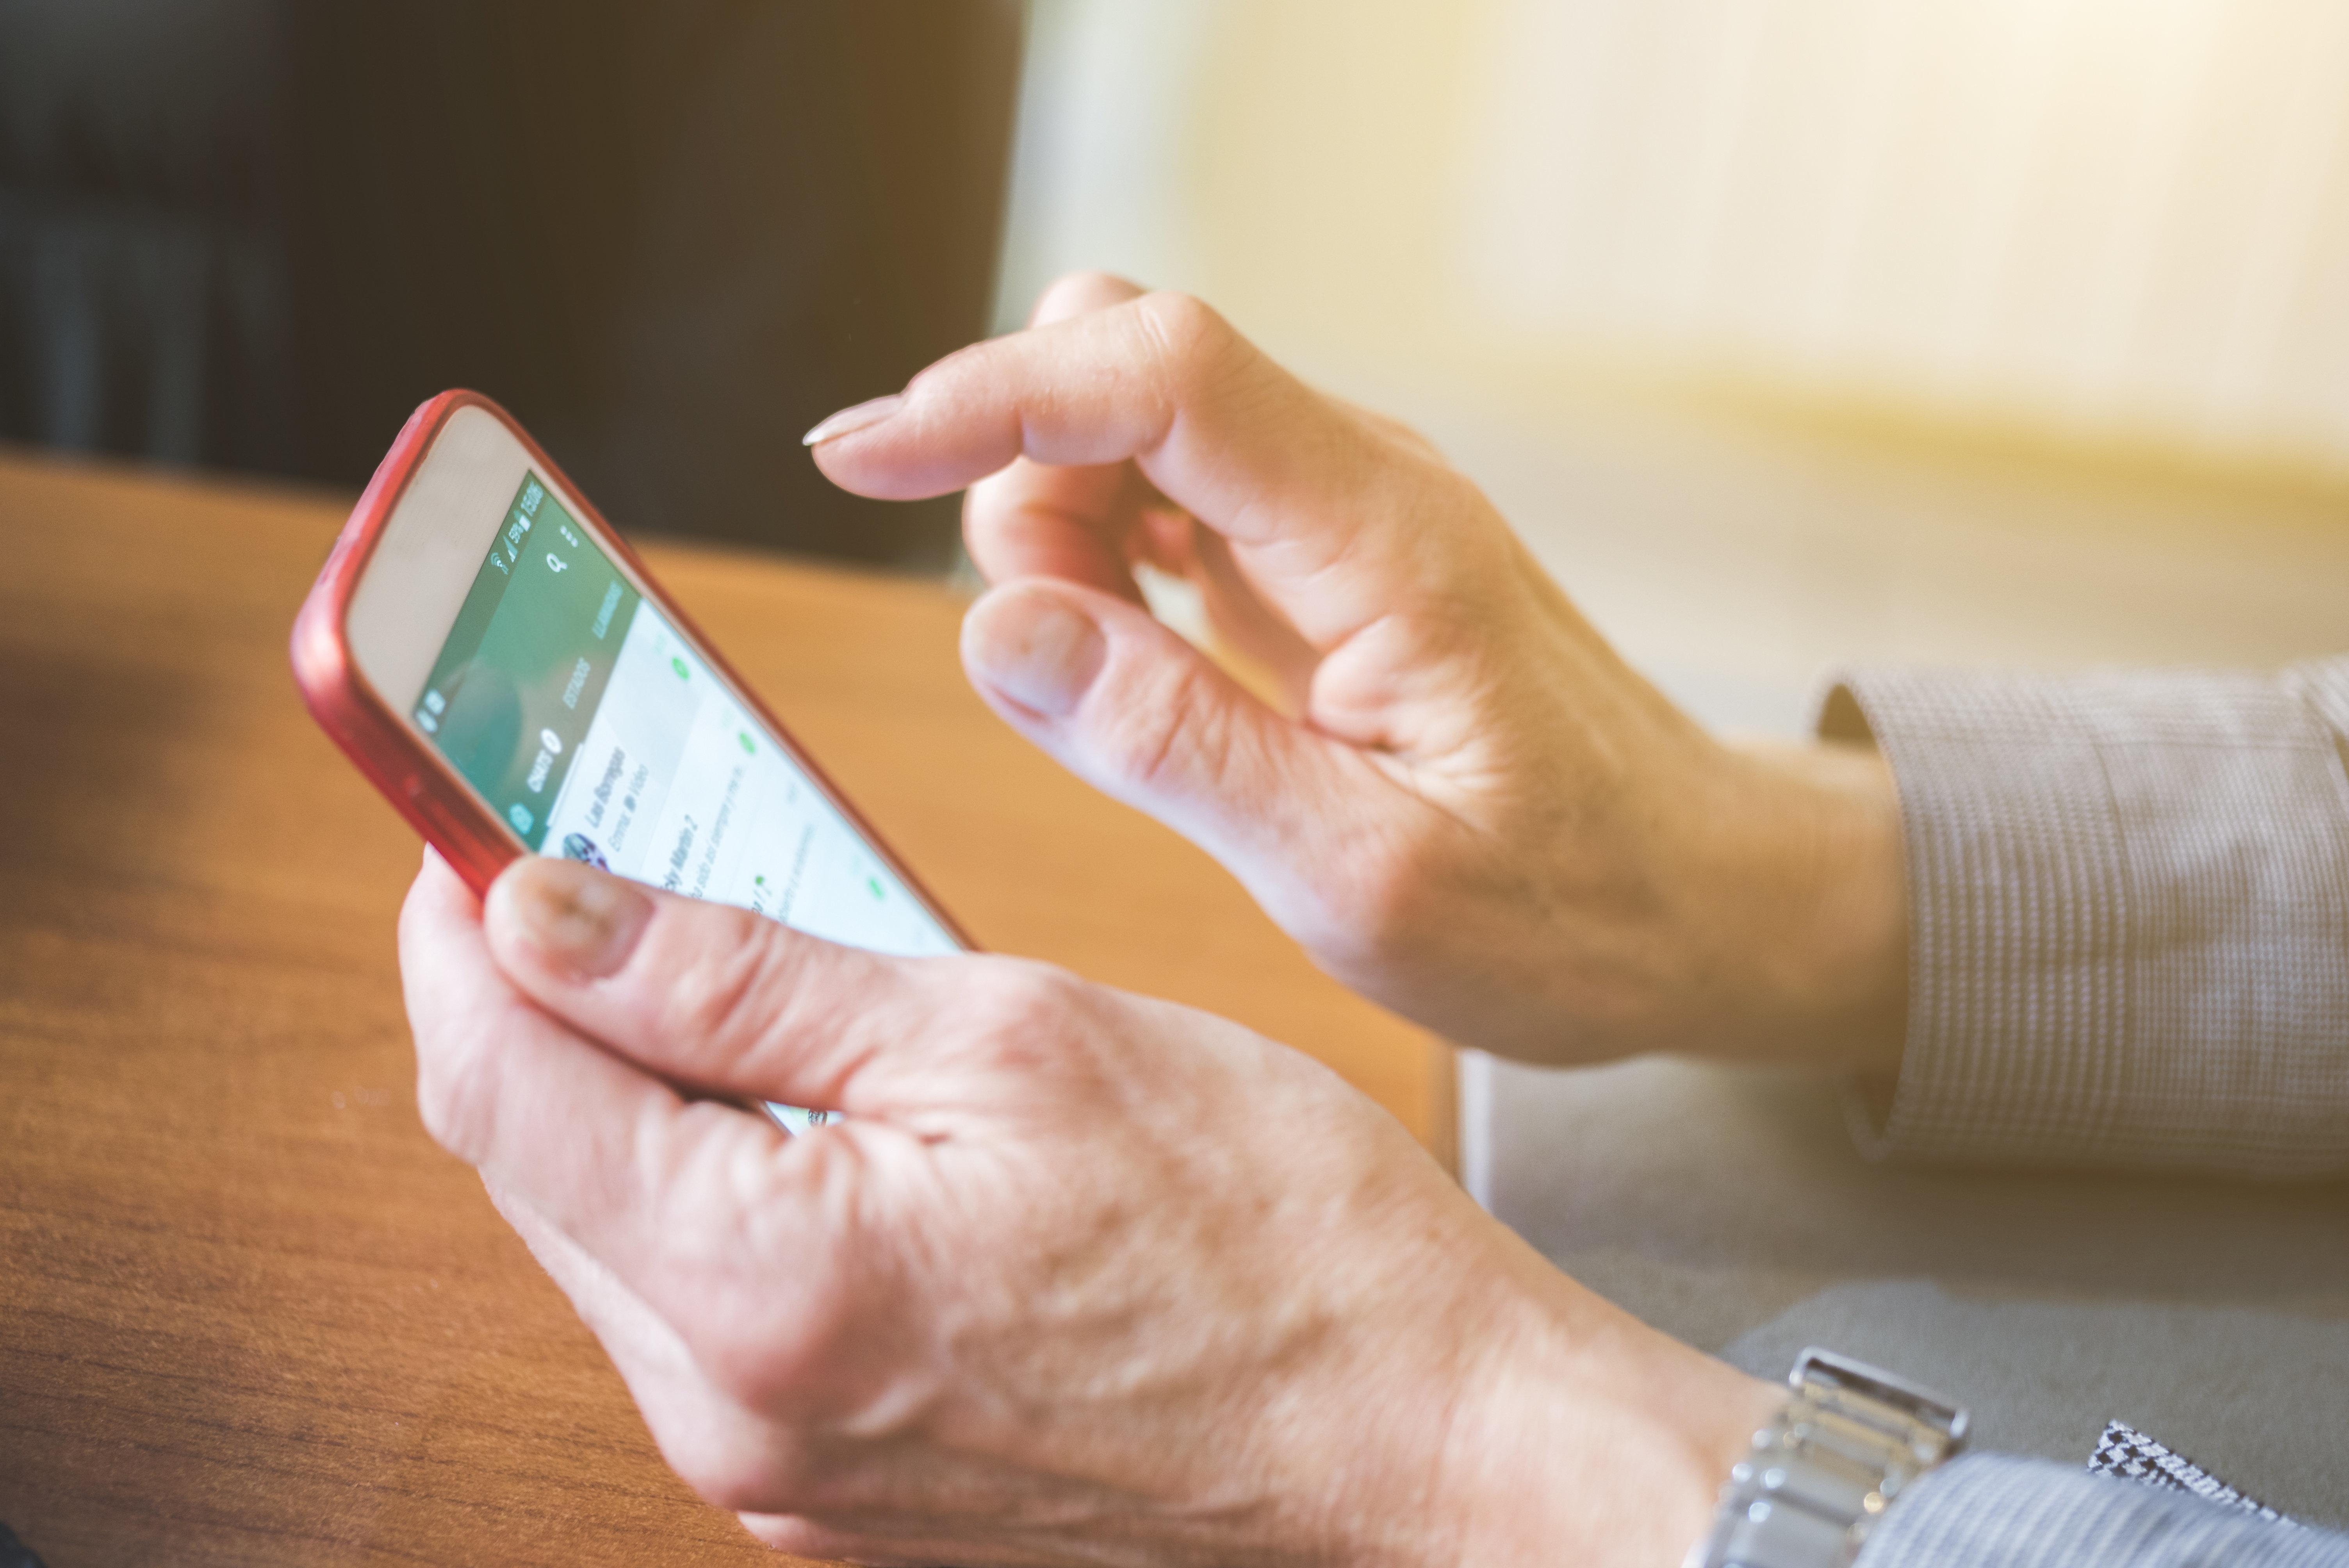 Betrugsmasche auf Whatsapp: Unzählige verschicken Weihnachts-Kettenbrief – Experten